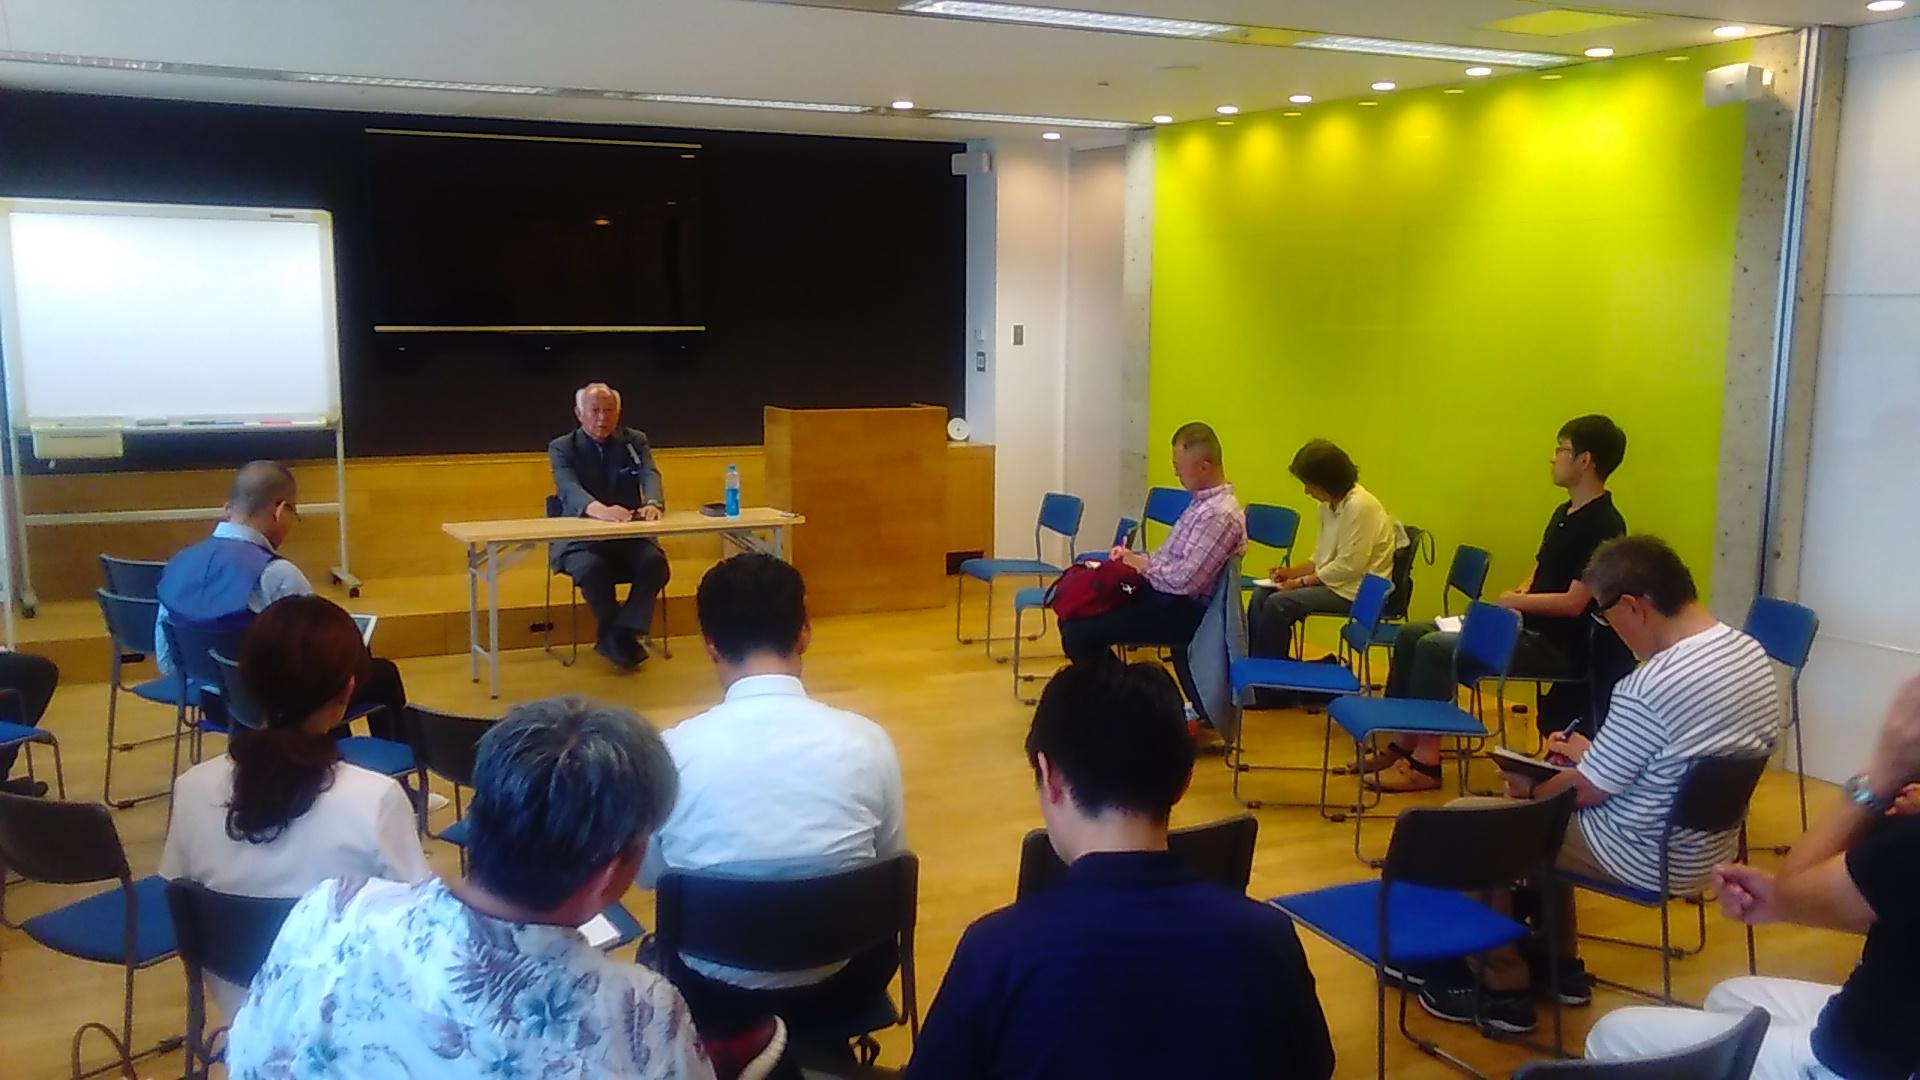 KIMG1360 - 第3回東京思風塾「本物の人間になるための問い」をテーマに開催しました。